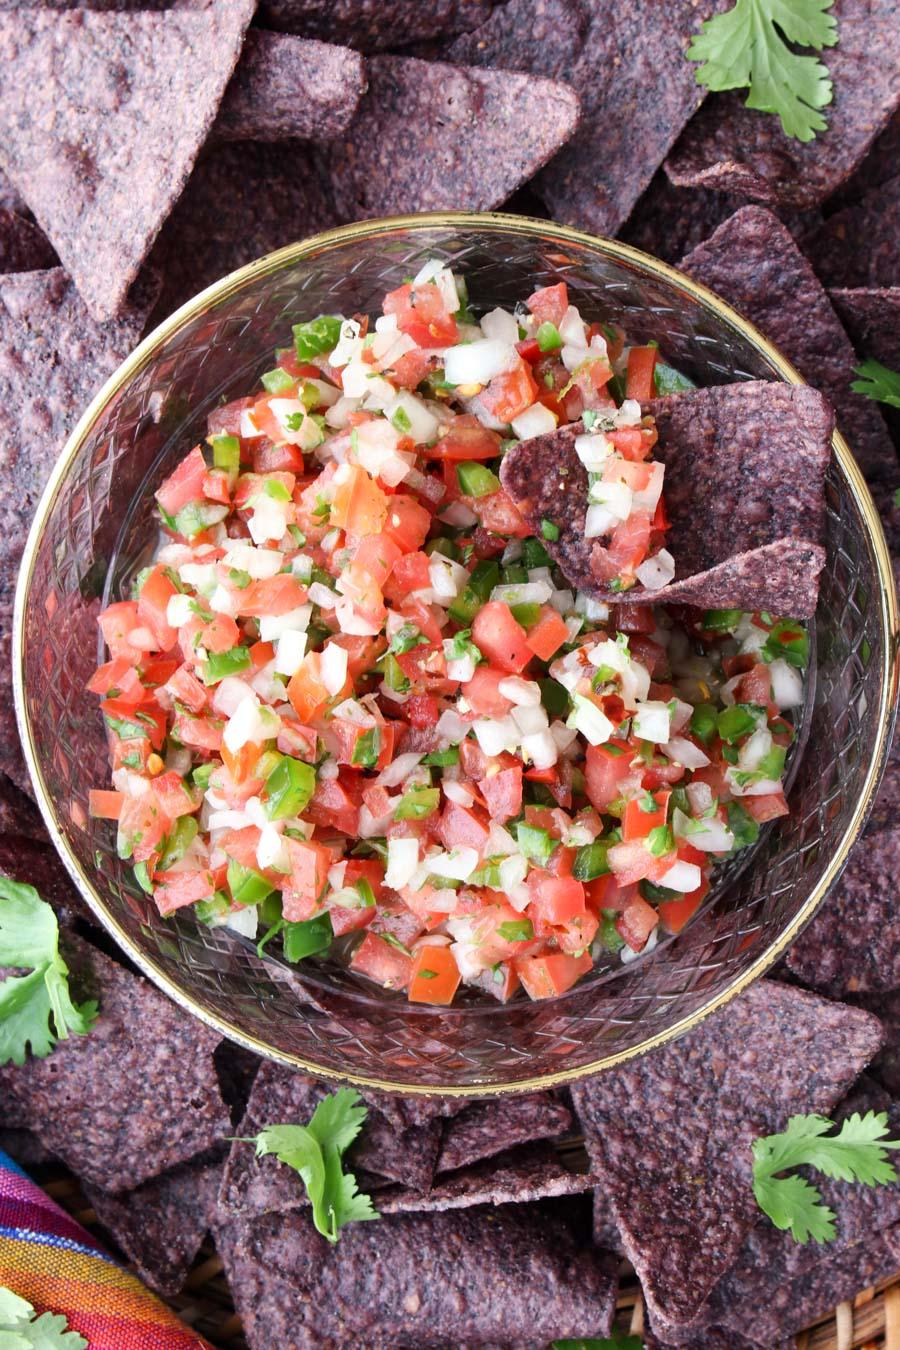 close up shot of a bowl of pico de gallo